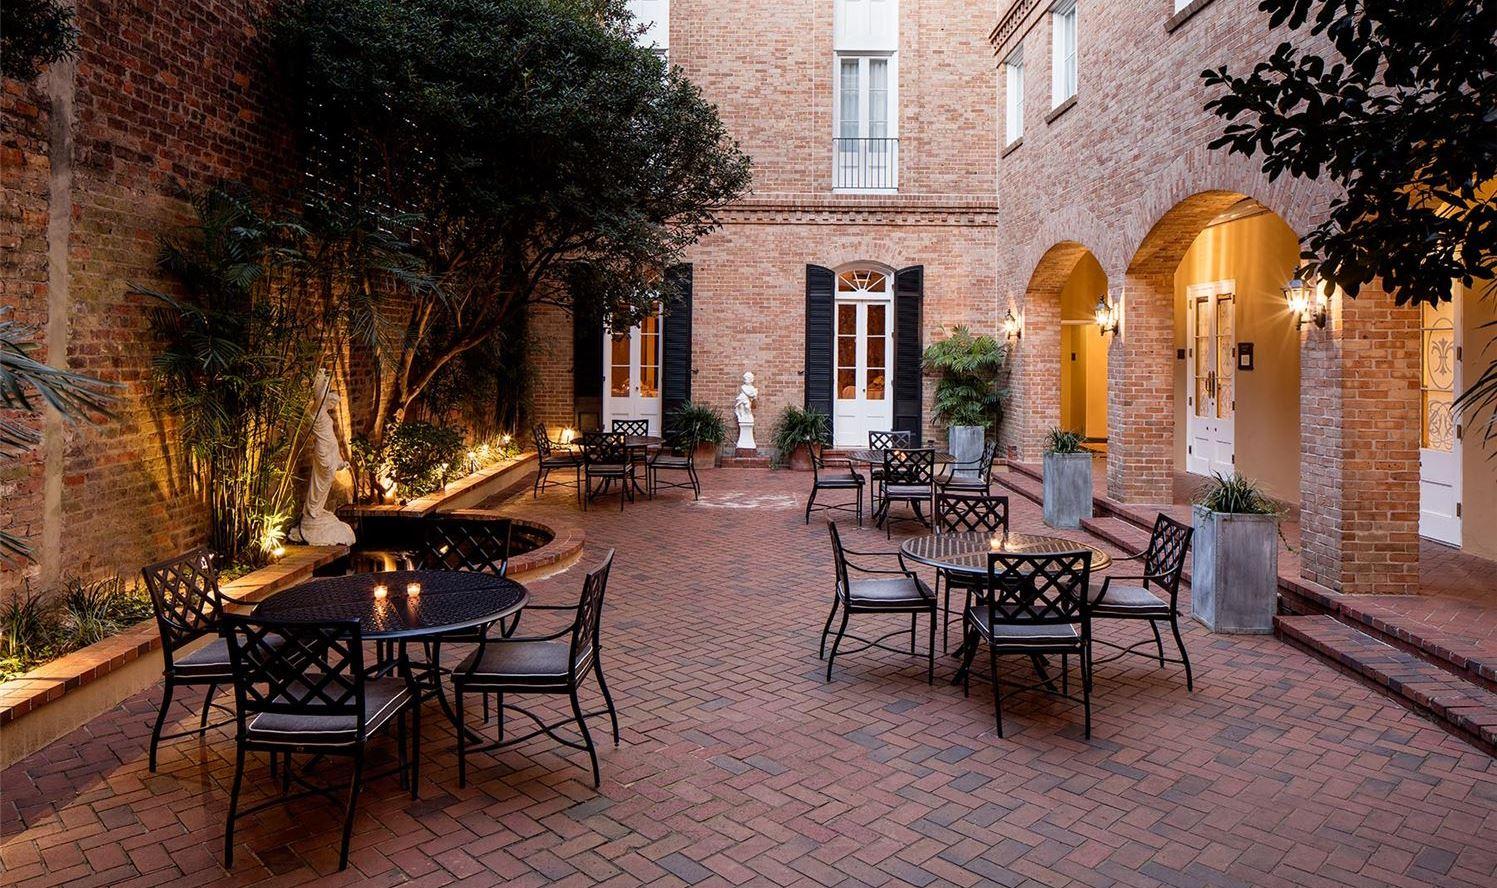 Chateau LeMoyne French Quarter, A Holiday Inn Hotel